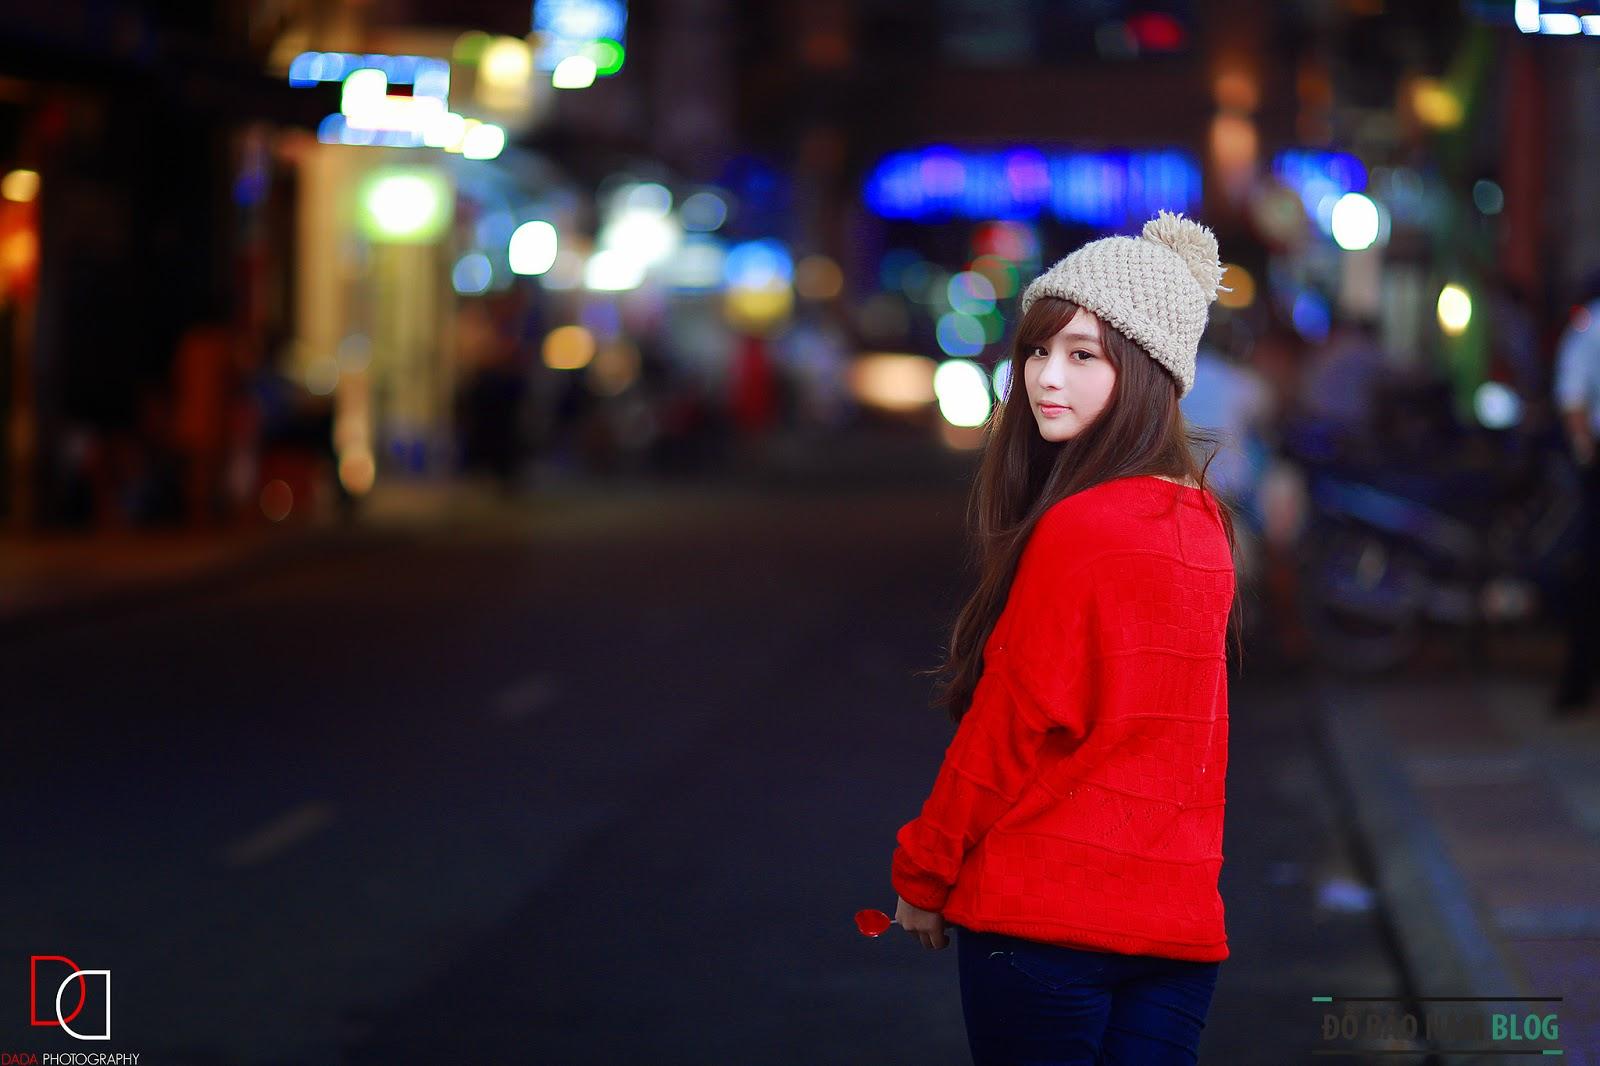 Ảnh đẹp girl xinh mới nhất 2014 được tuyển chọn 12